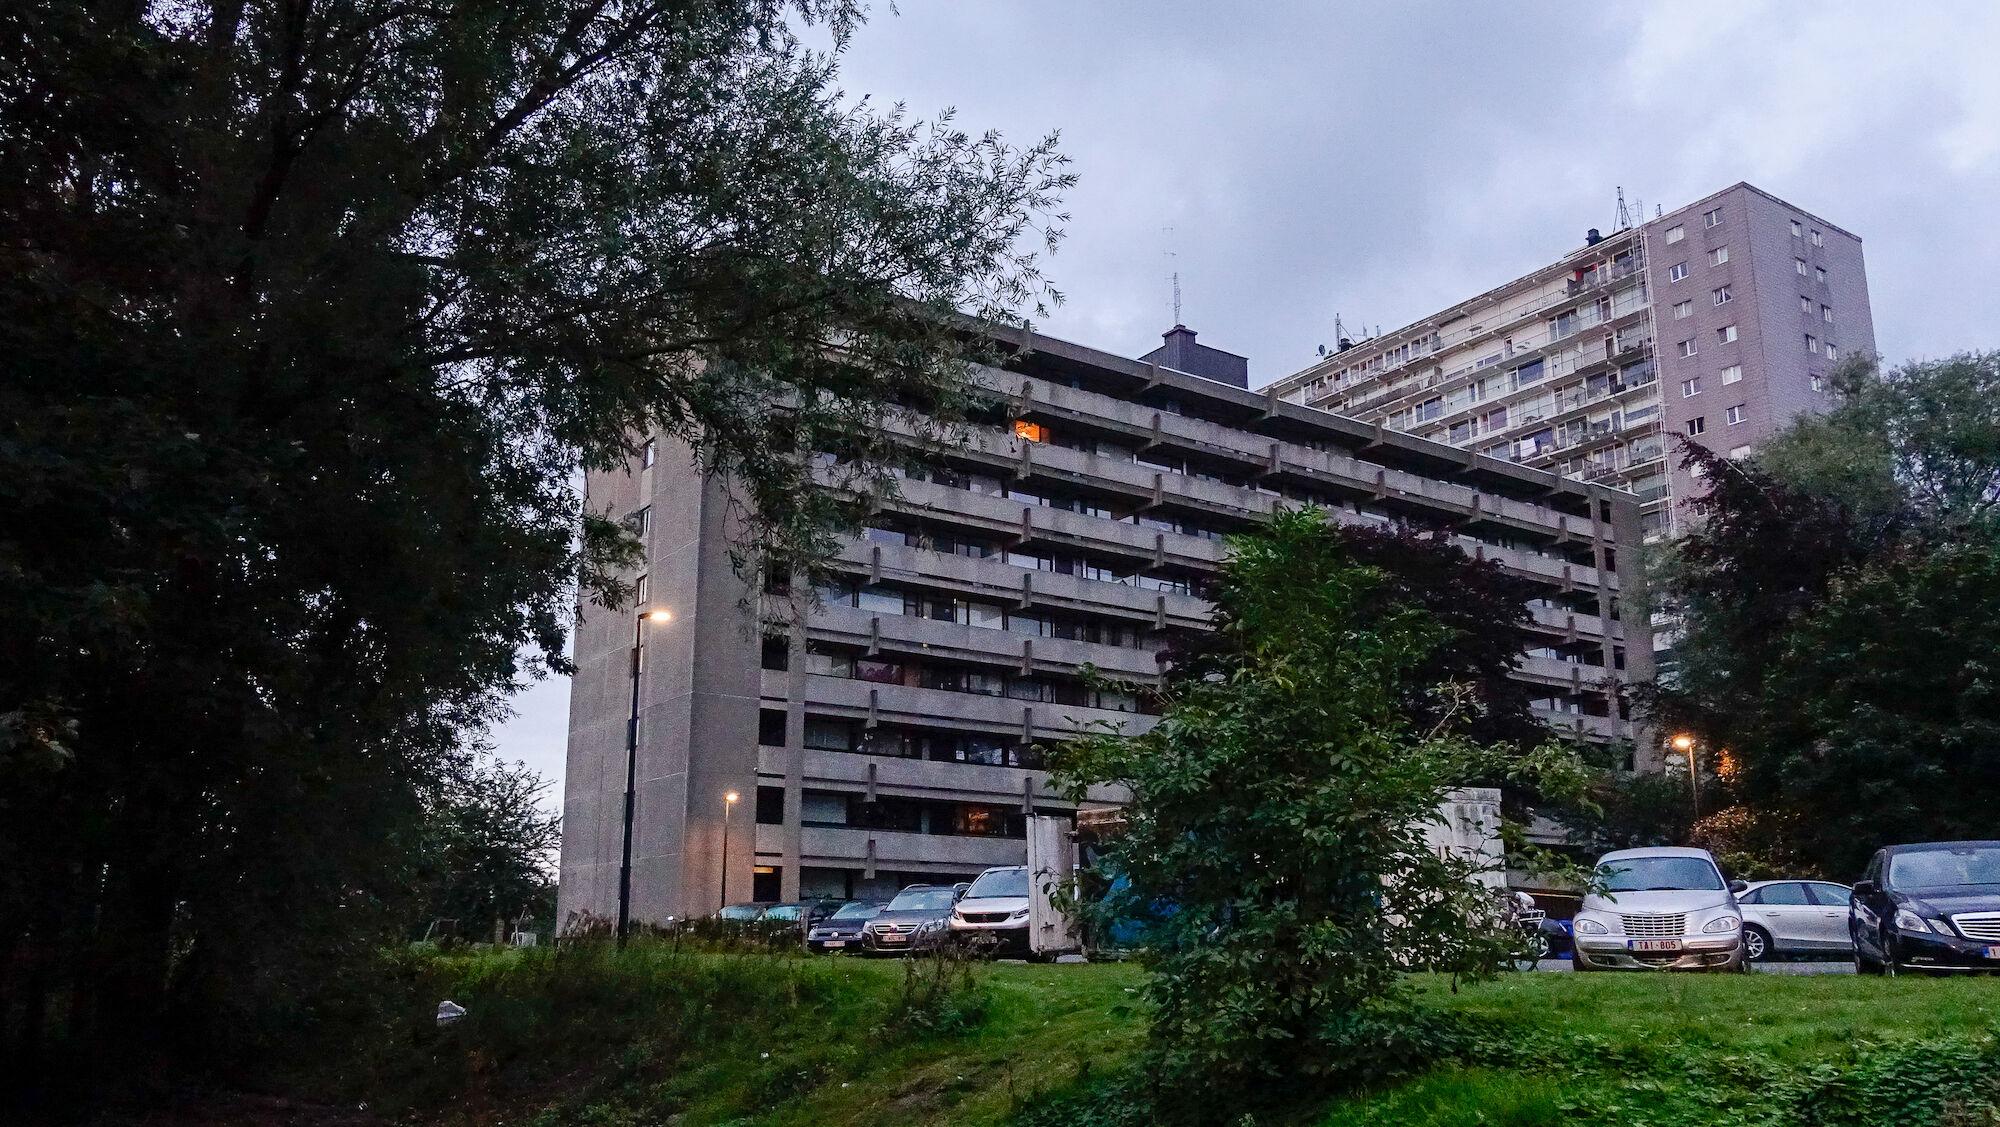 2020-09-02 Wijk 10 Afrikalaan Scandinaviestraat Appartementen_DSC0892.jpg